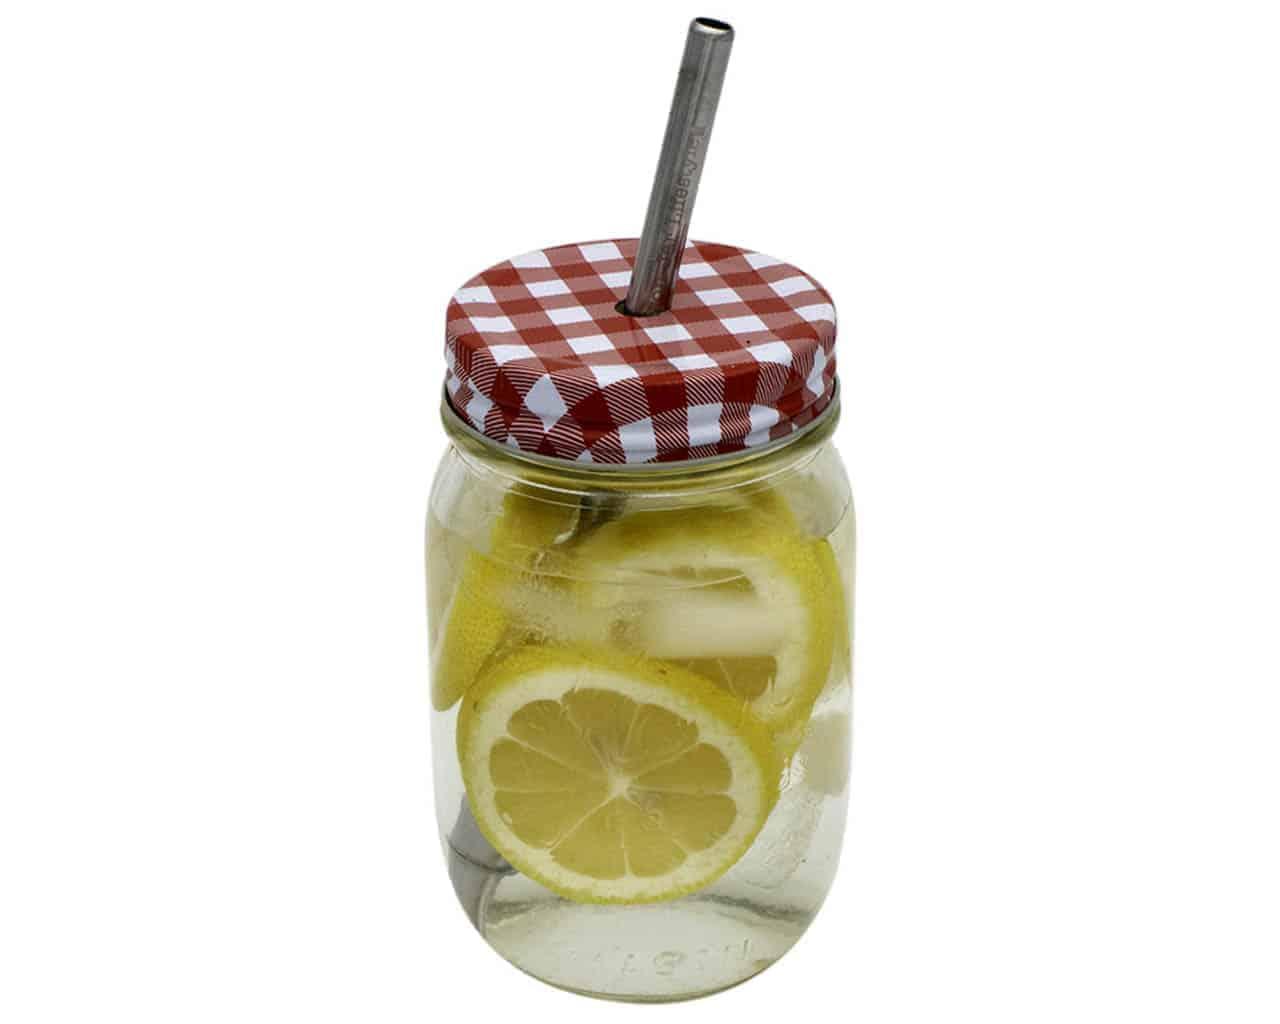 Gingham Straw Hole Tumbler Lids For Mason Jars